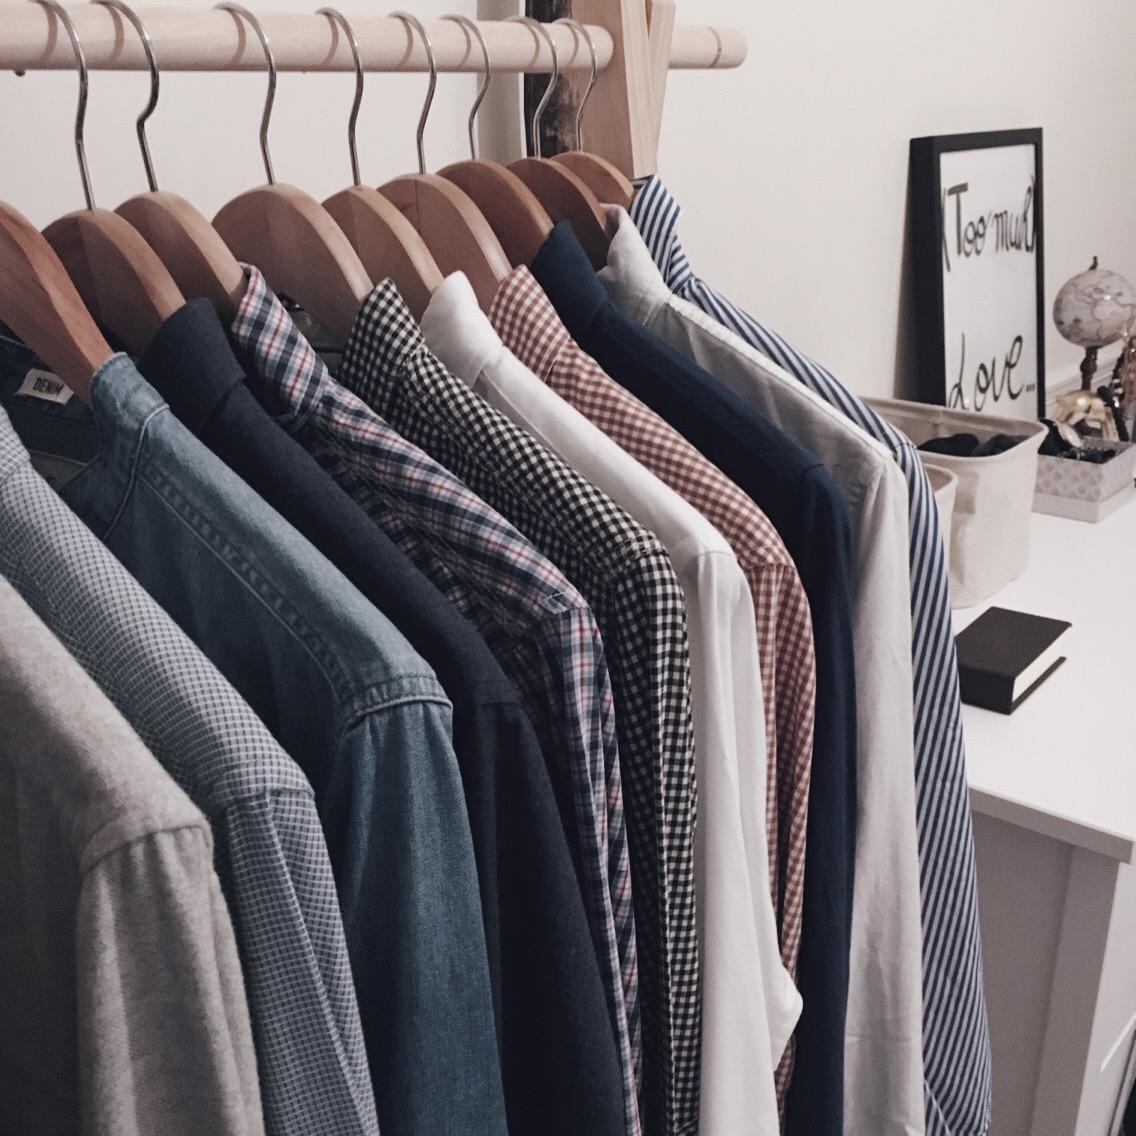 Des vêtements en veux-tu en voilà